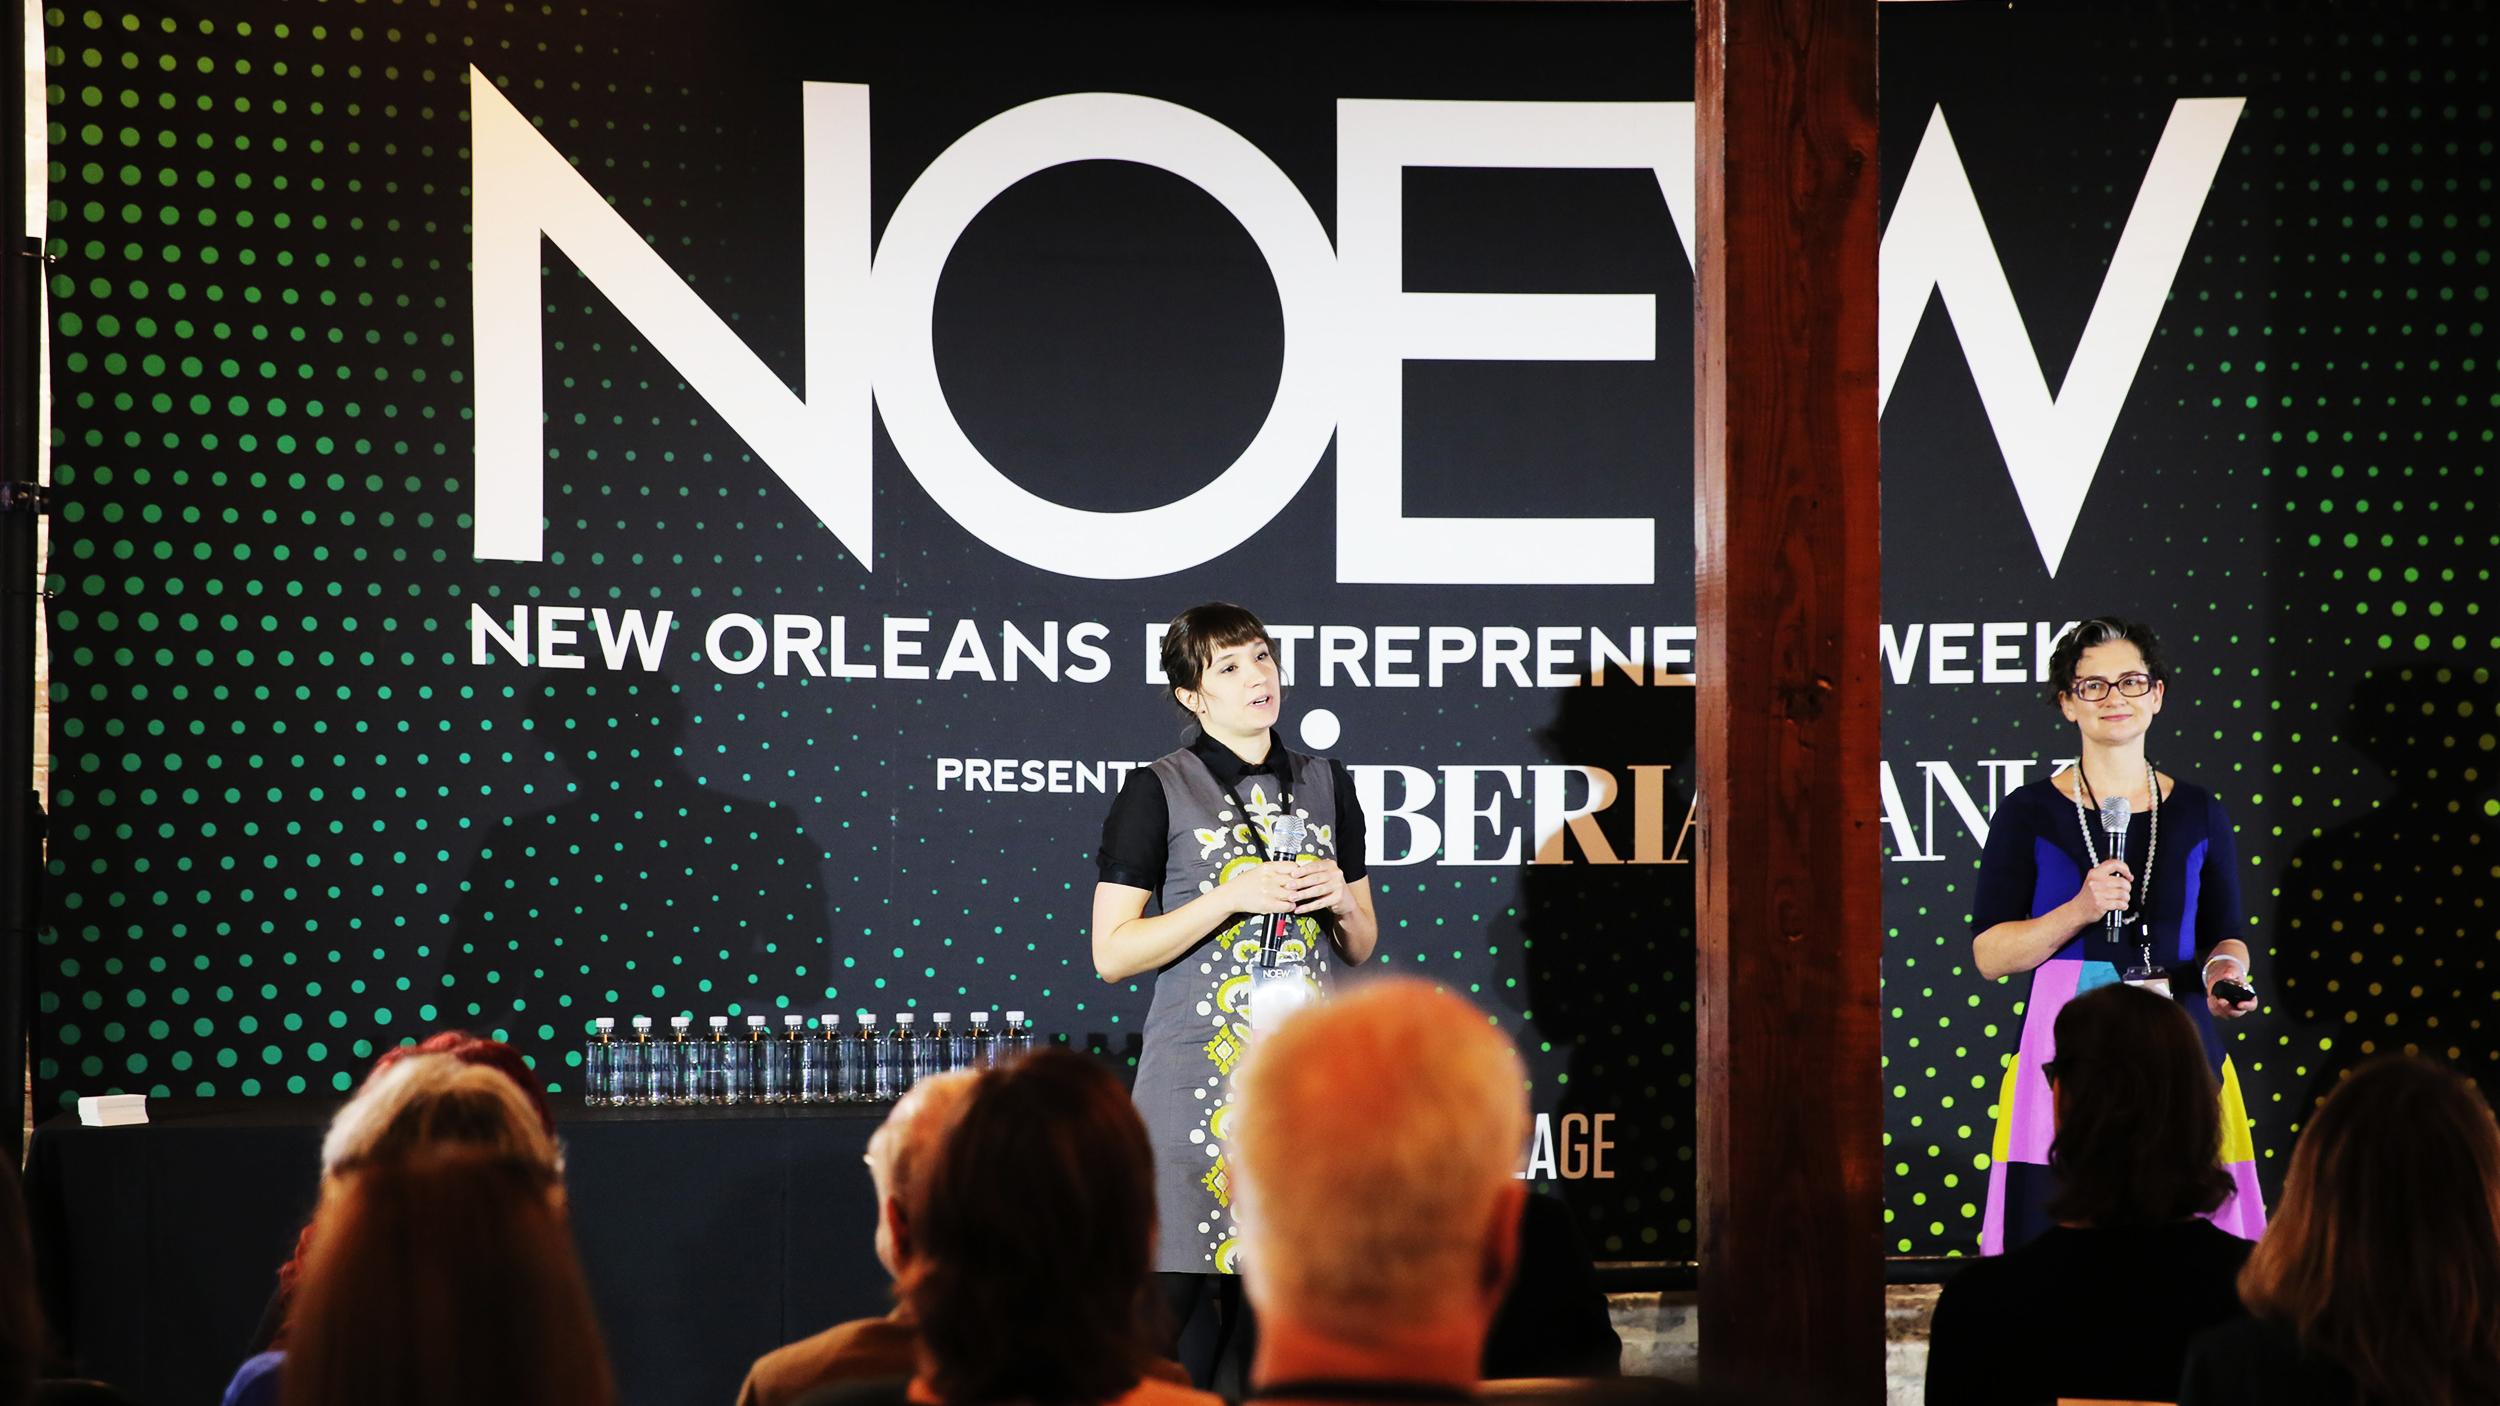 reba-joy-billips-new-orleans-entrepreneur-week-2016-2500x1406-4.jpg